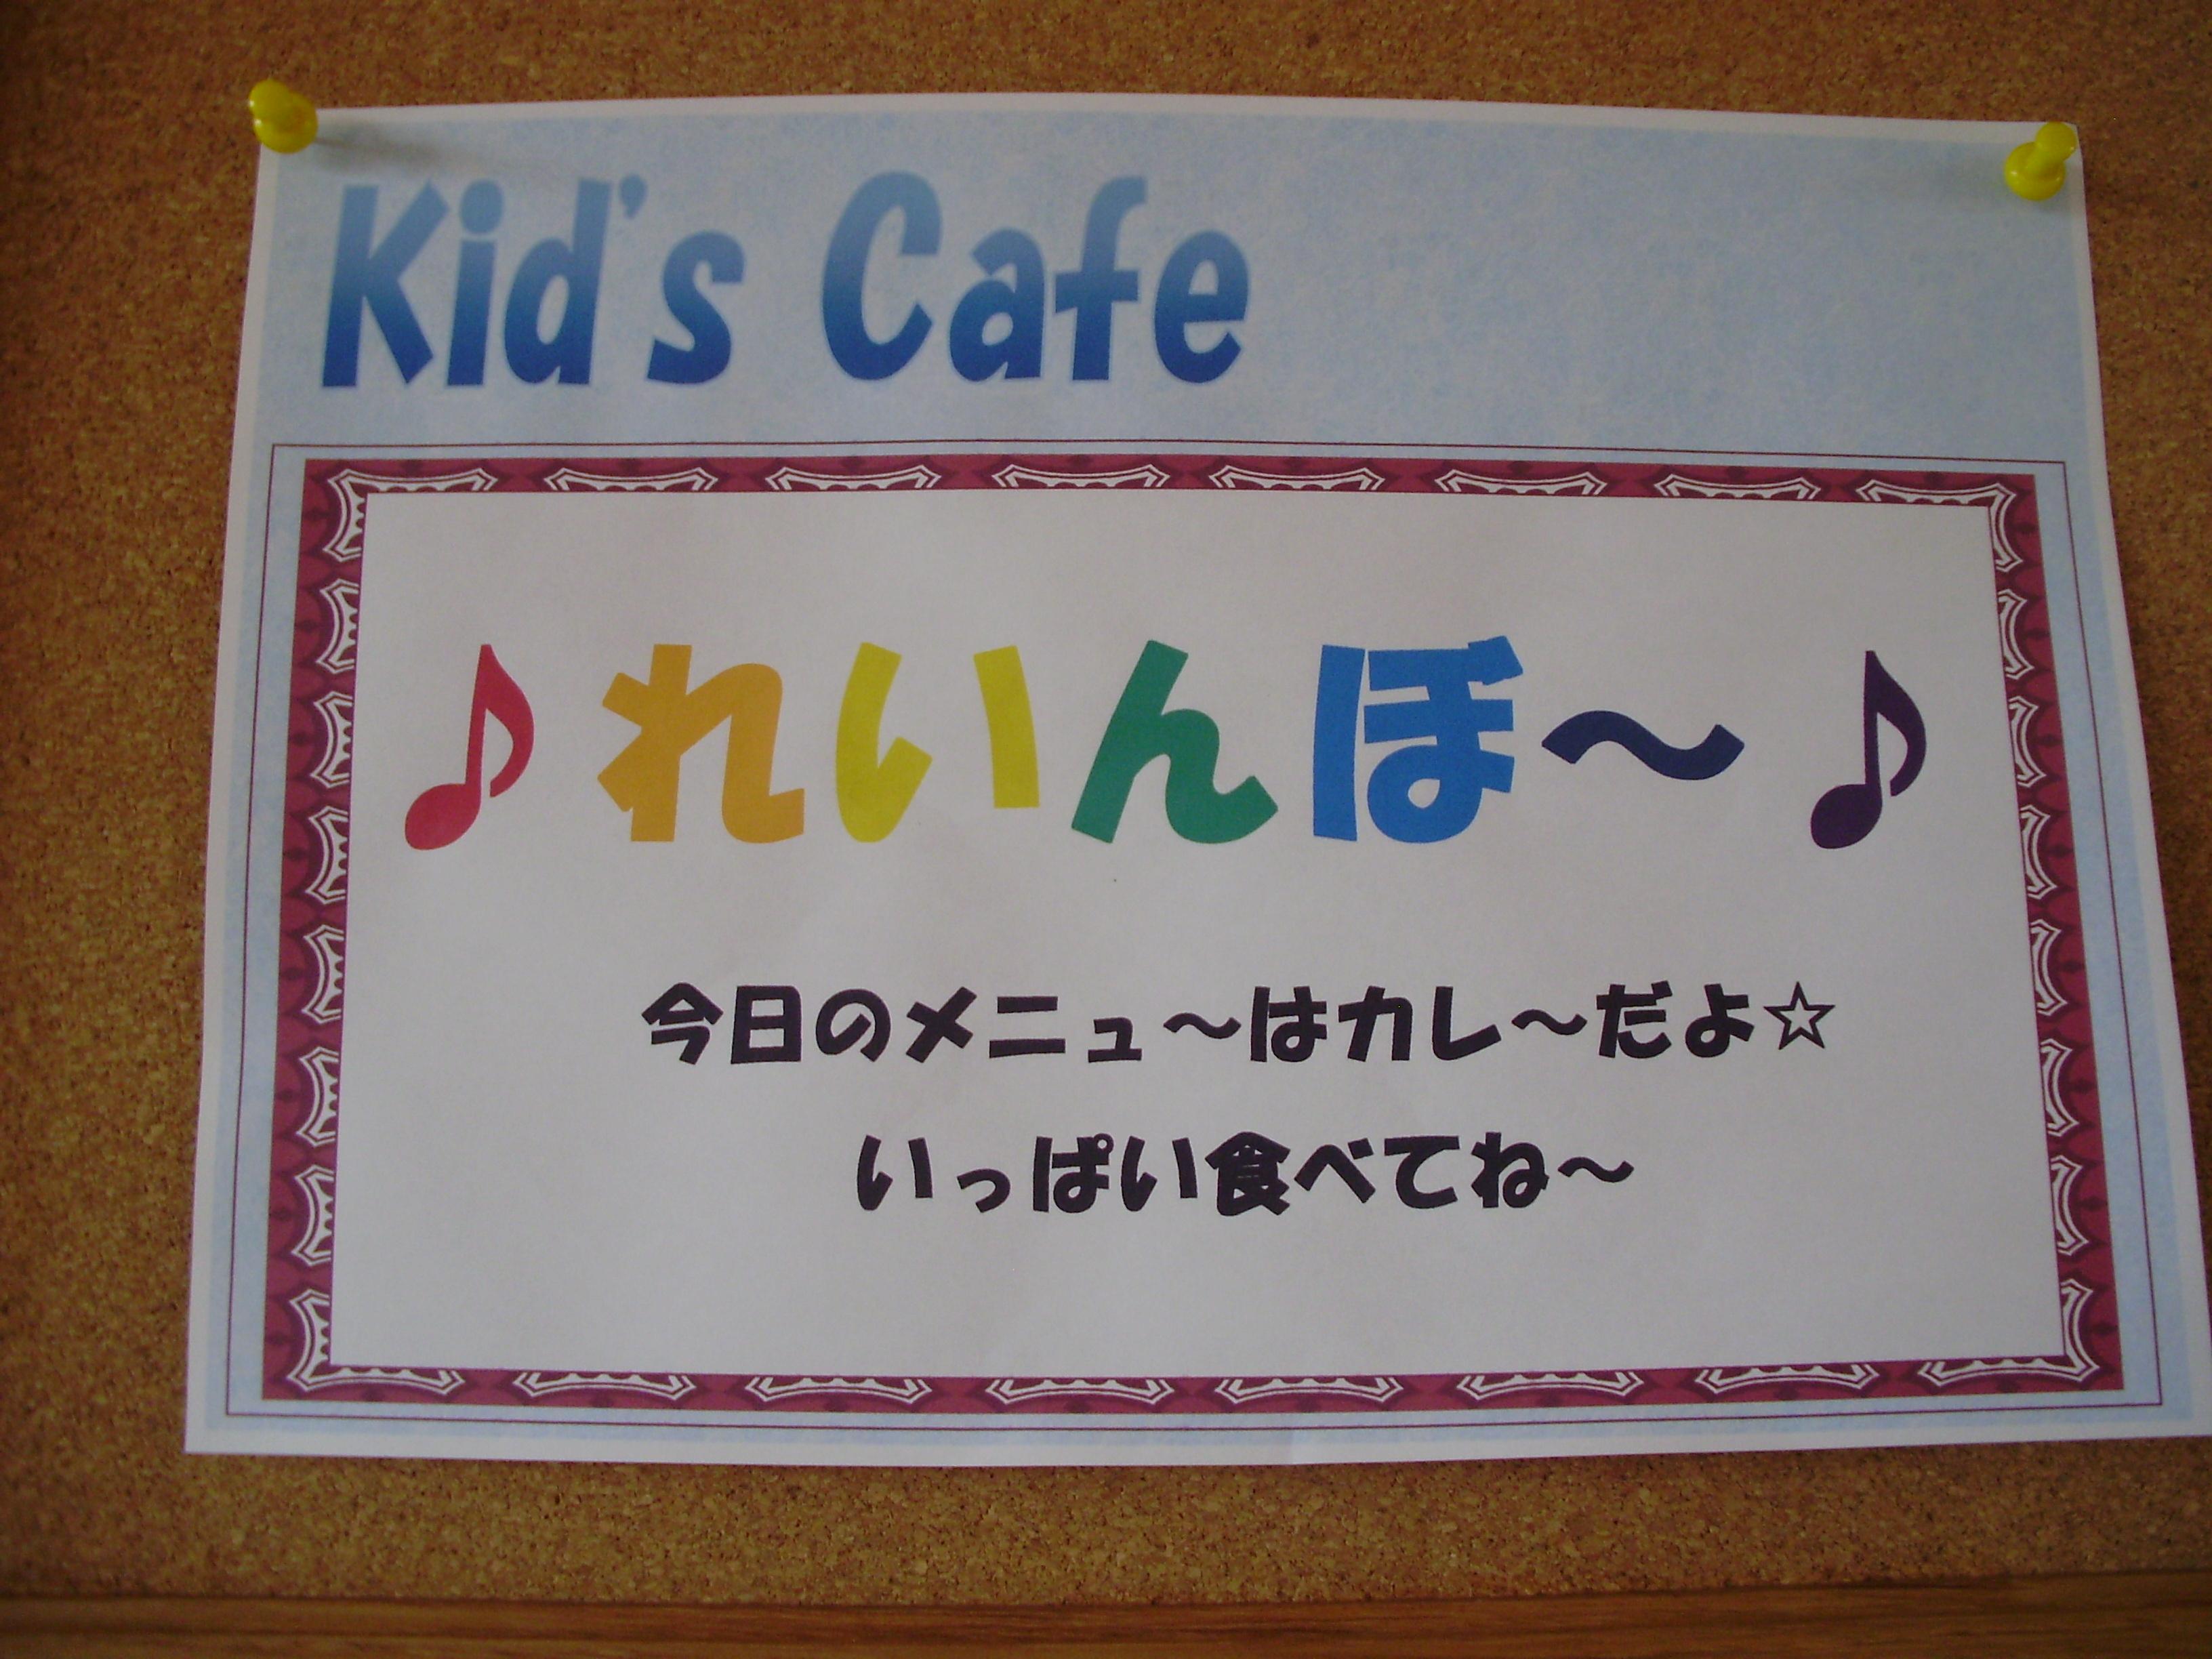 11月23日に行われたレインボースマイルのキッズカフェ